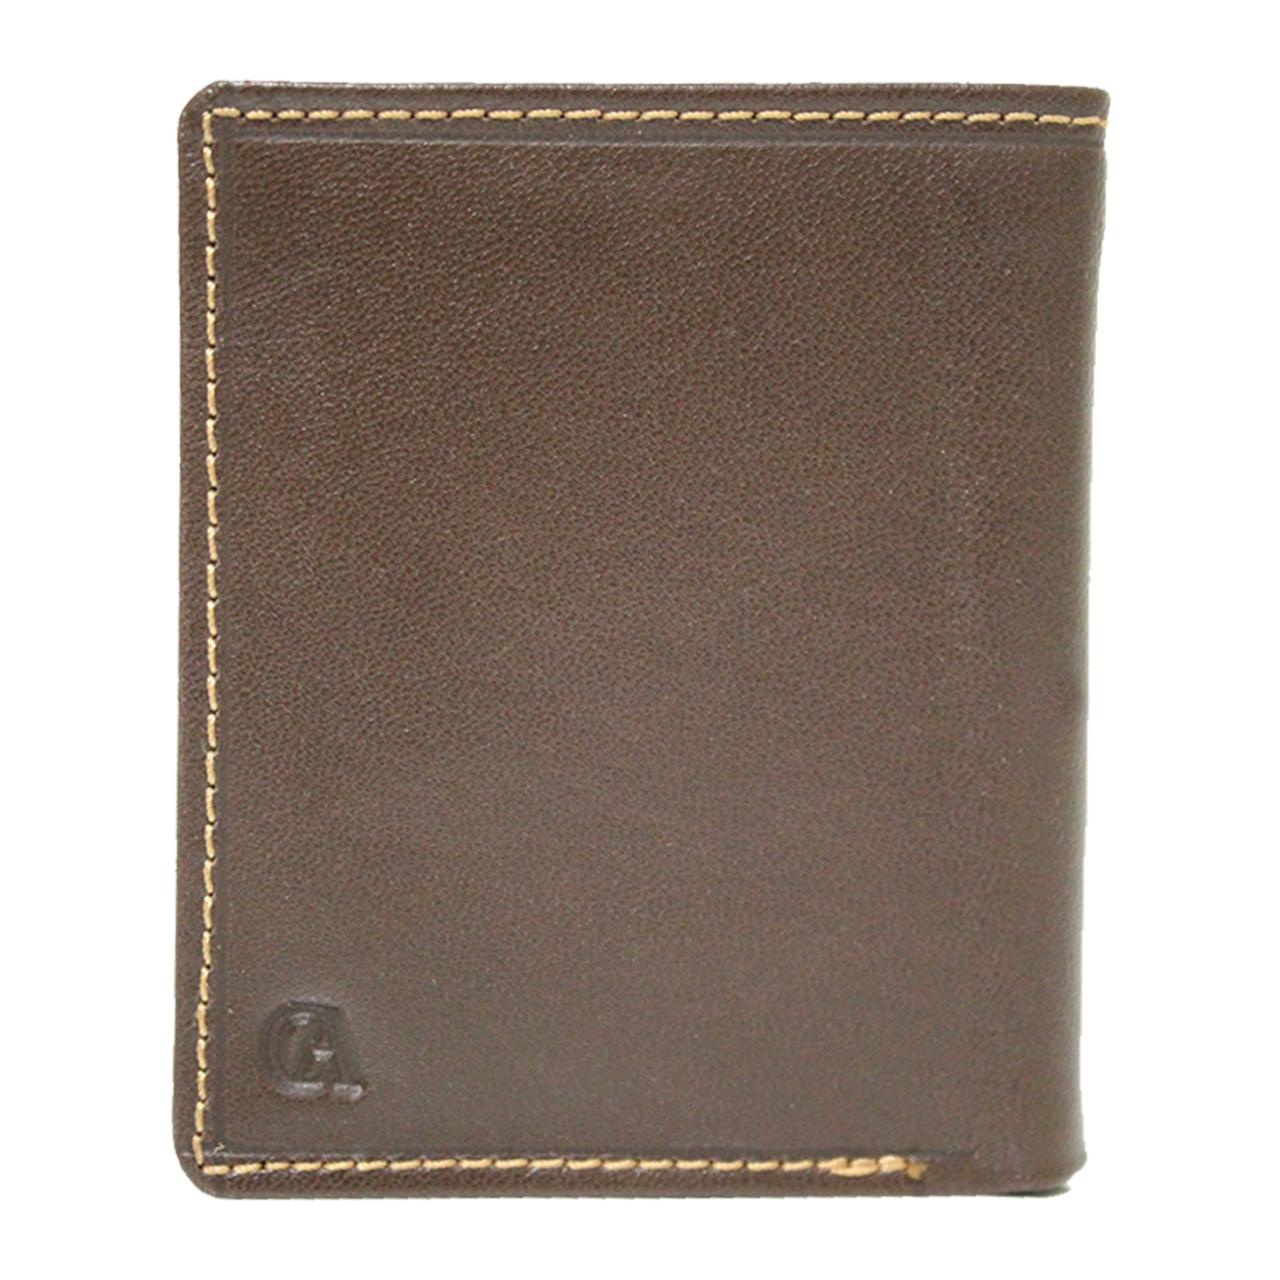 کیف پول چرم آرا مدل n017